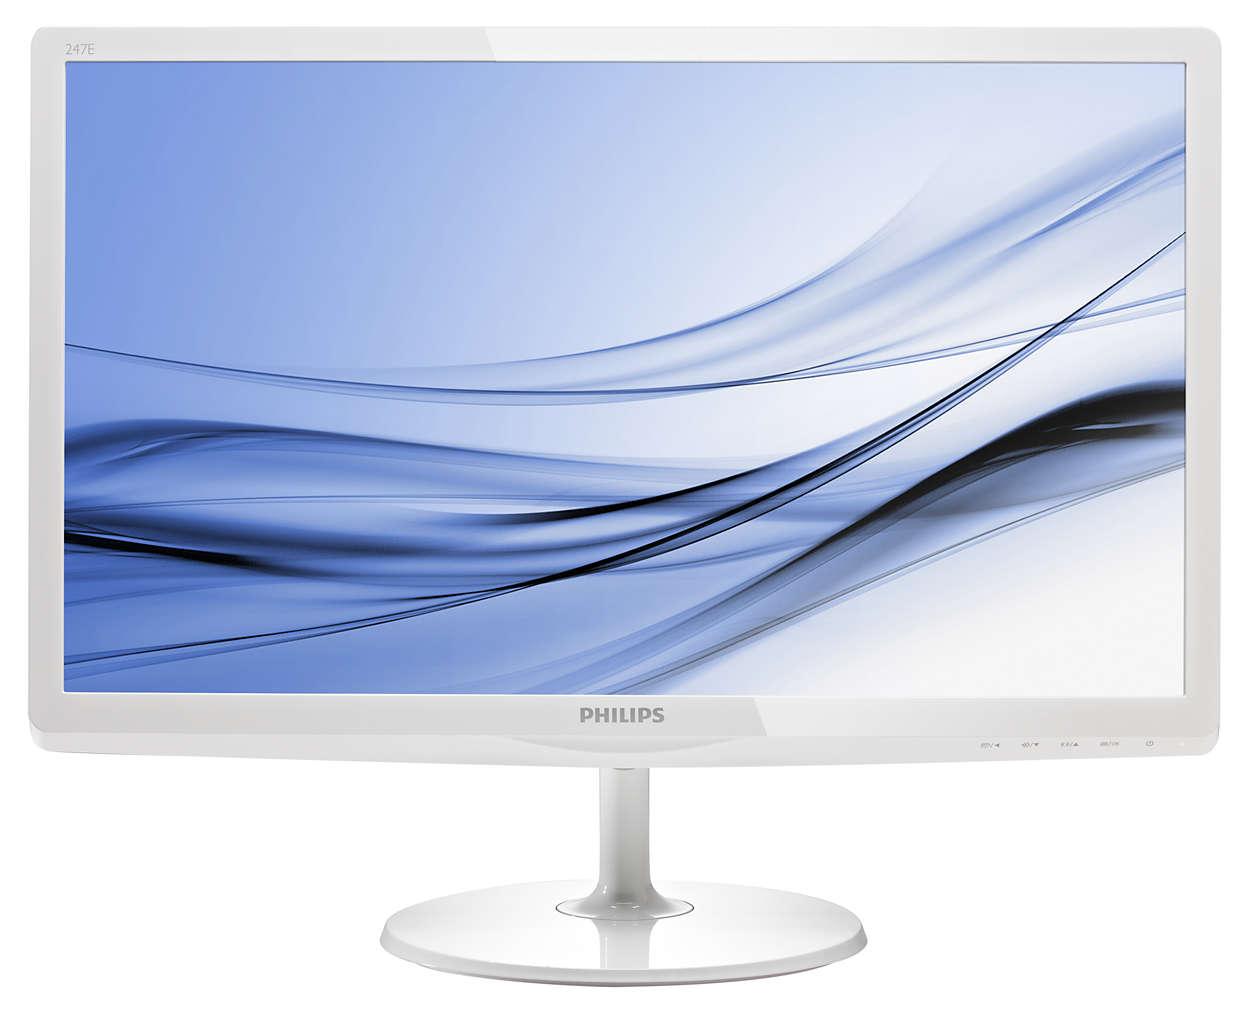 SoftBlue Technology